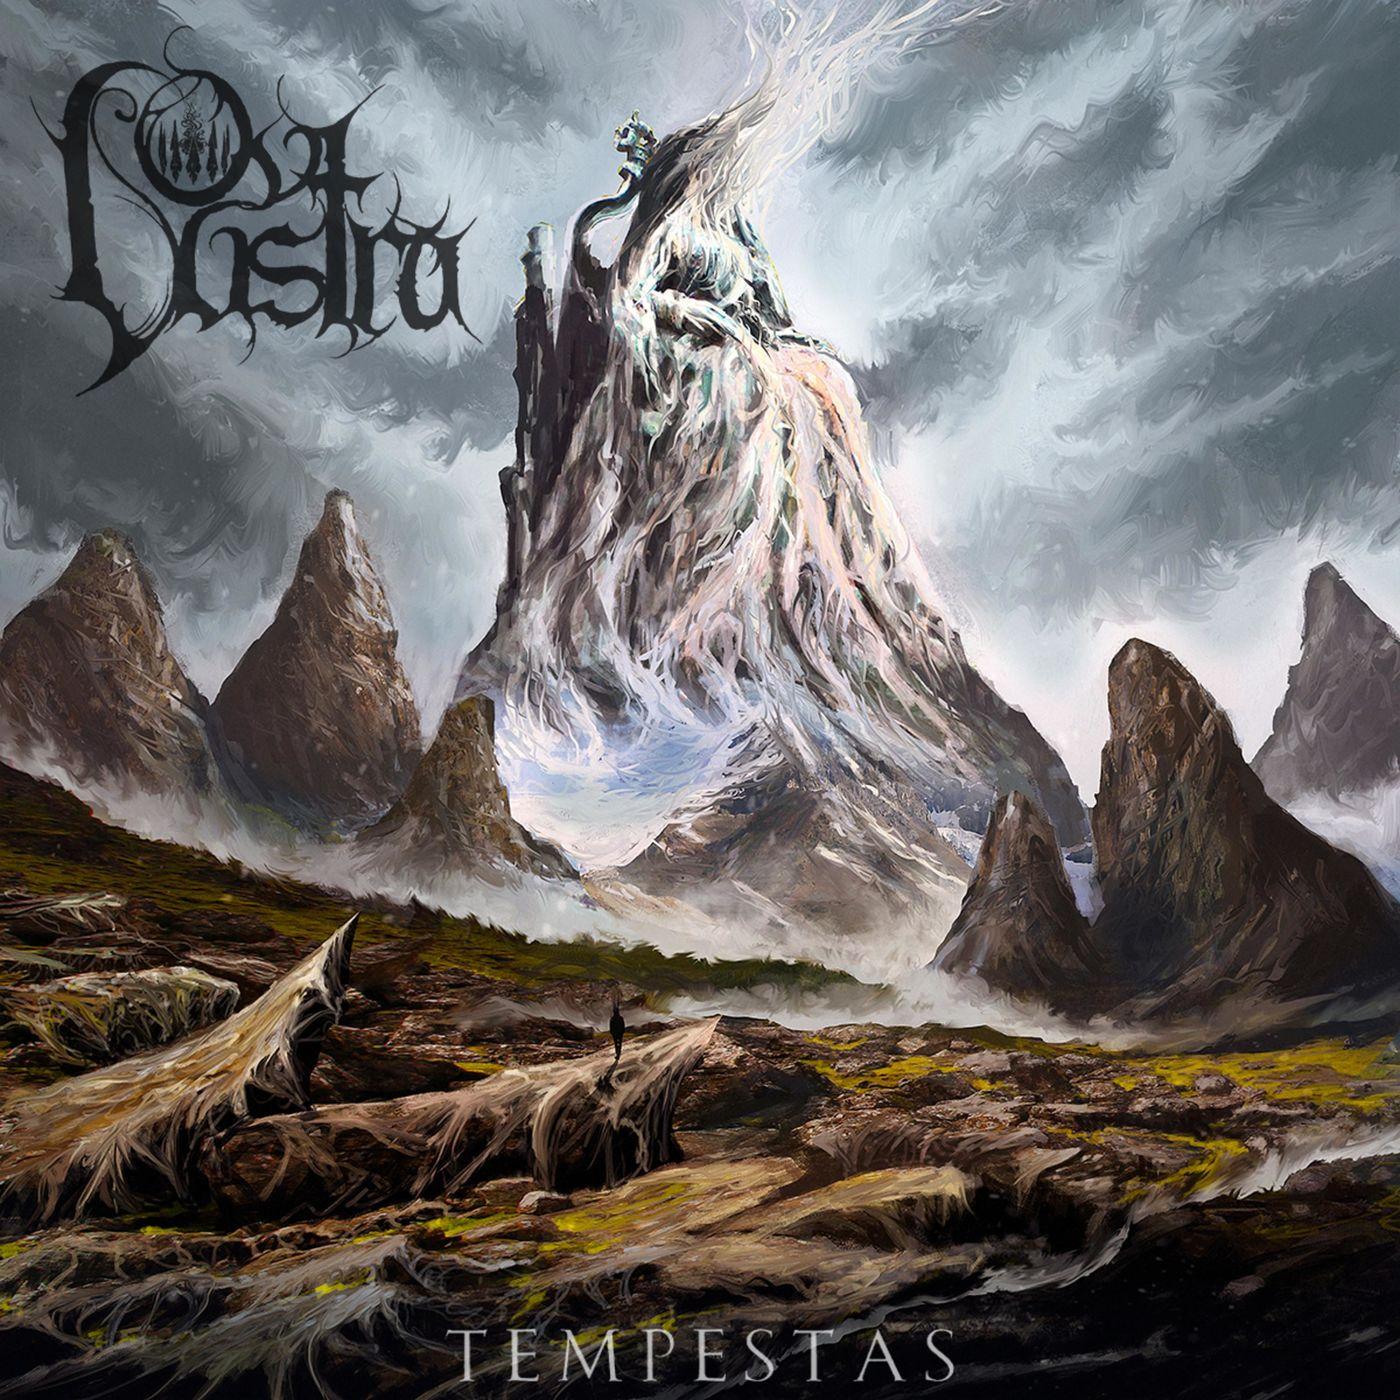 Ov Lustra - Tempestas (2019)